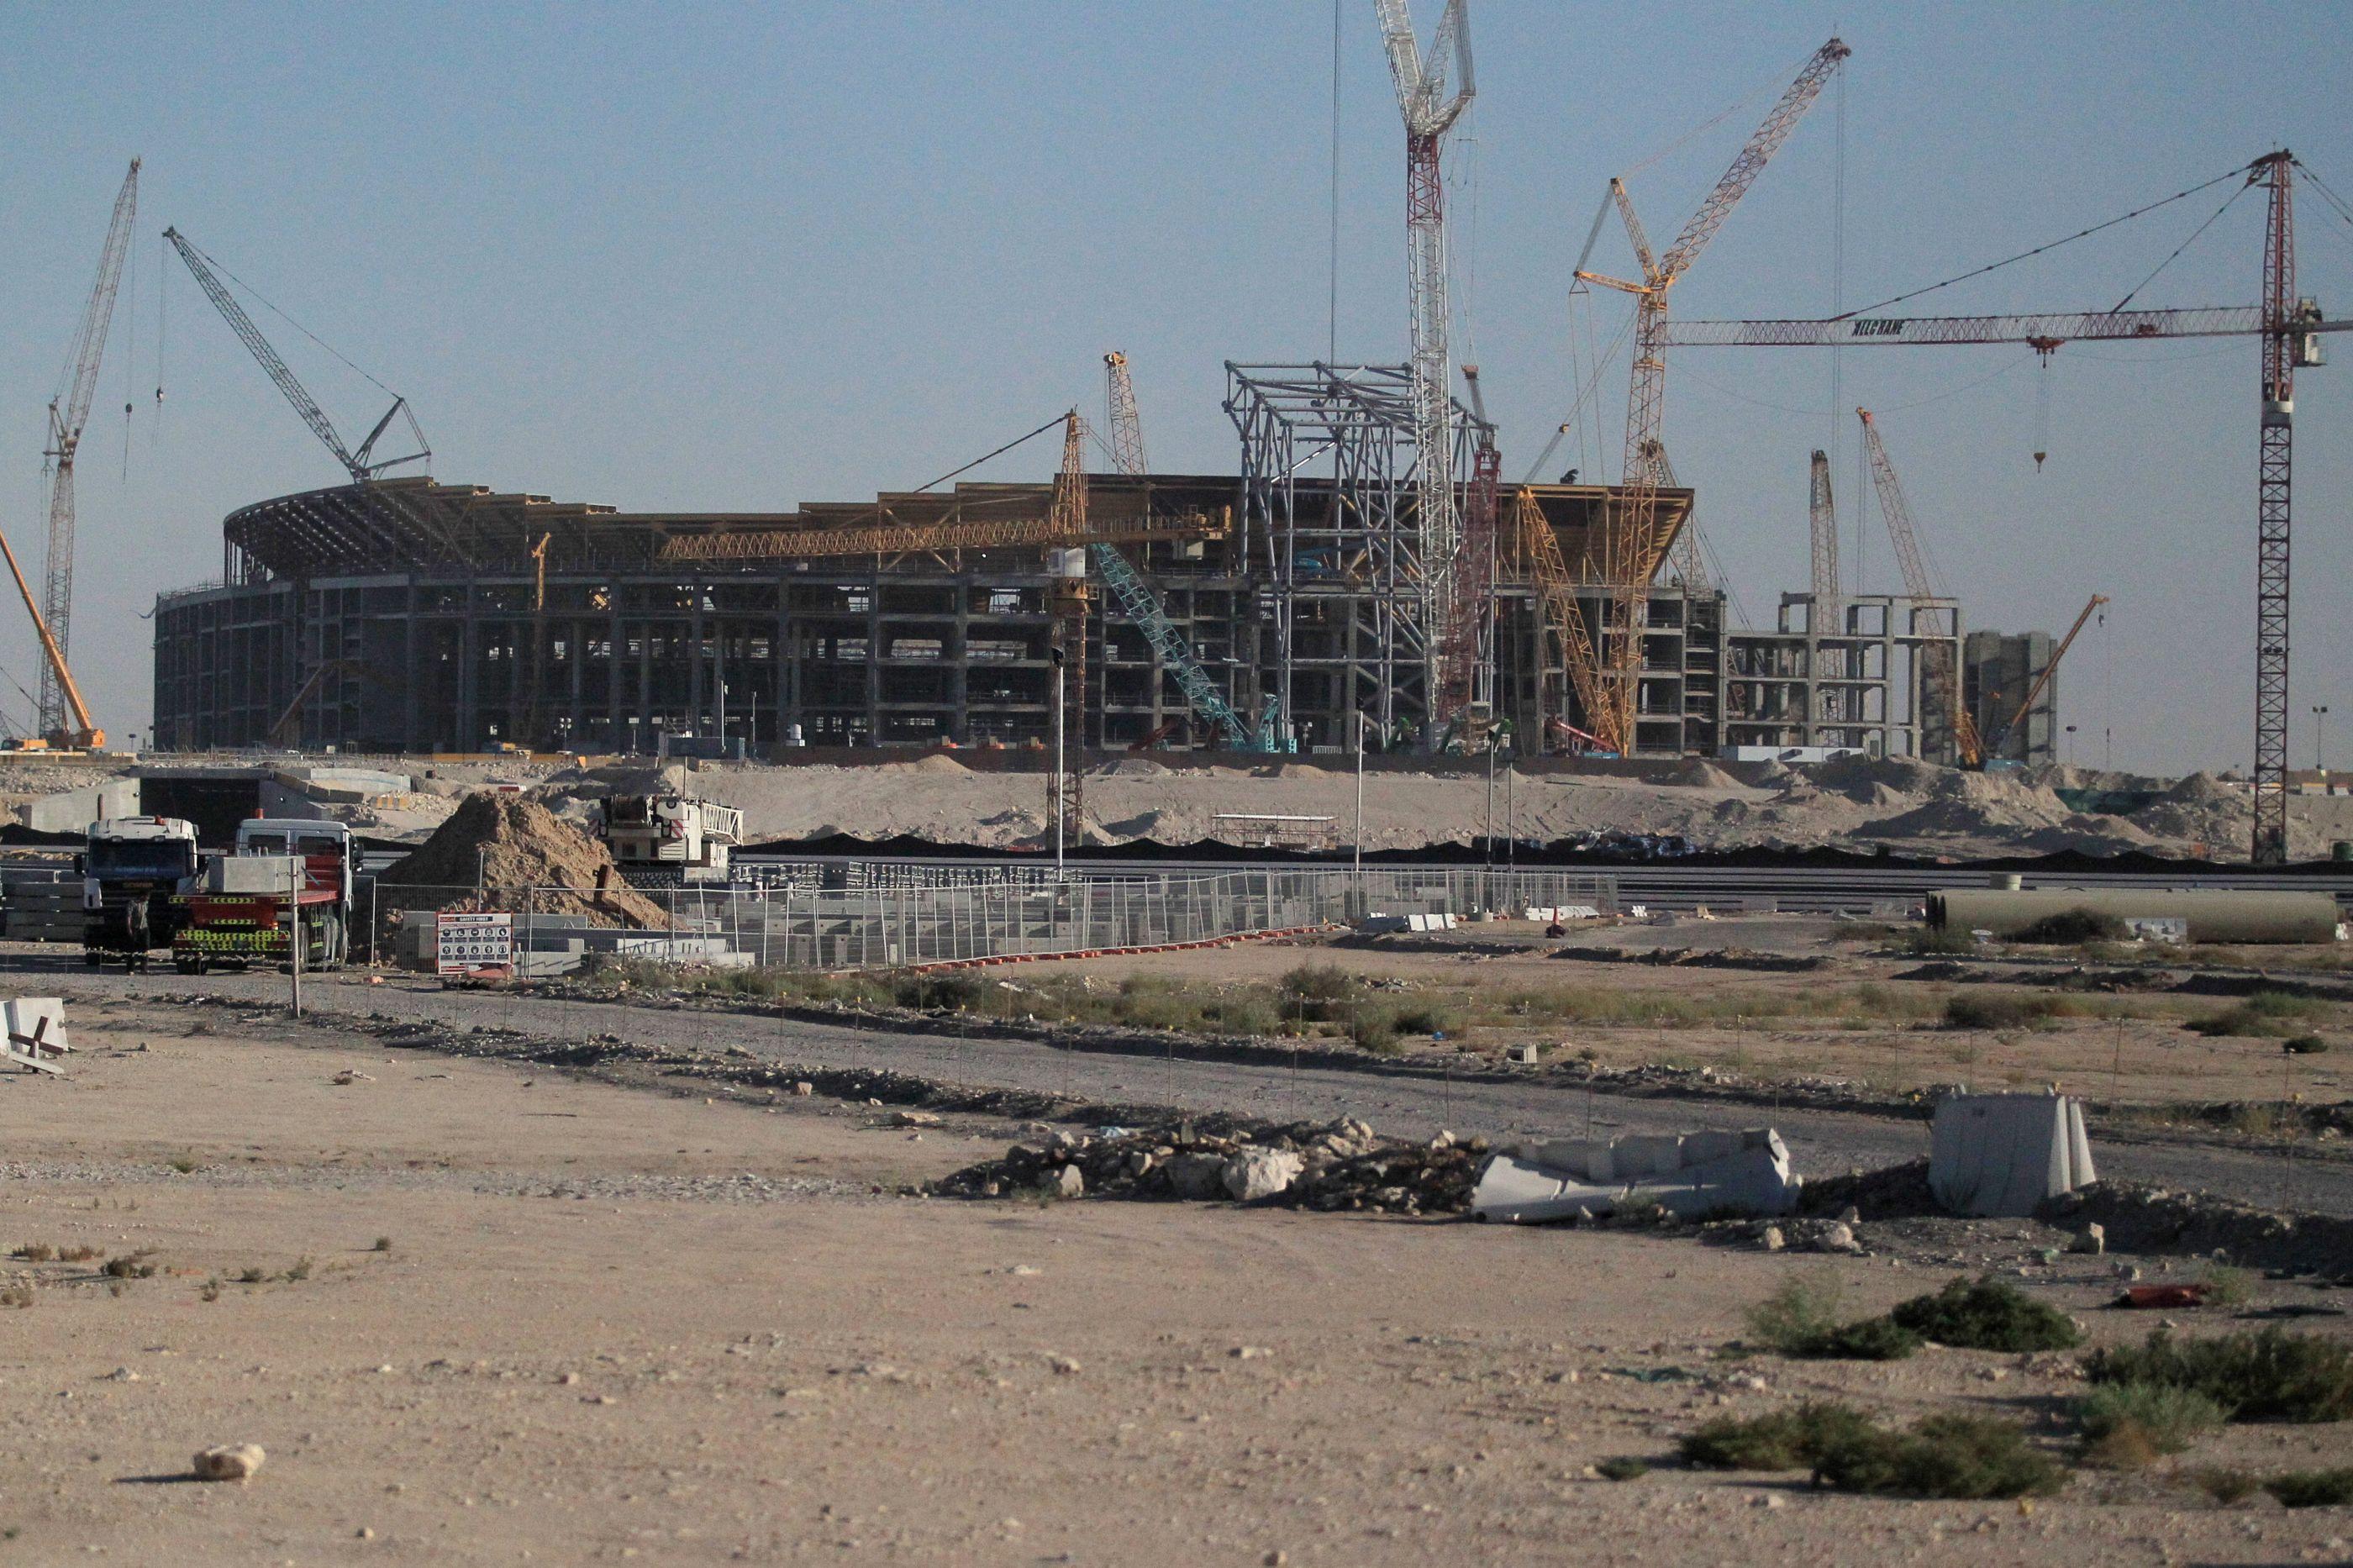 Amnistia denuncia abusos de empresa em construção de estádios no Qatar